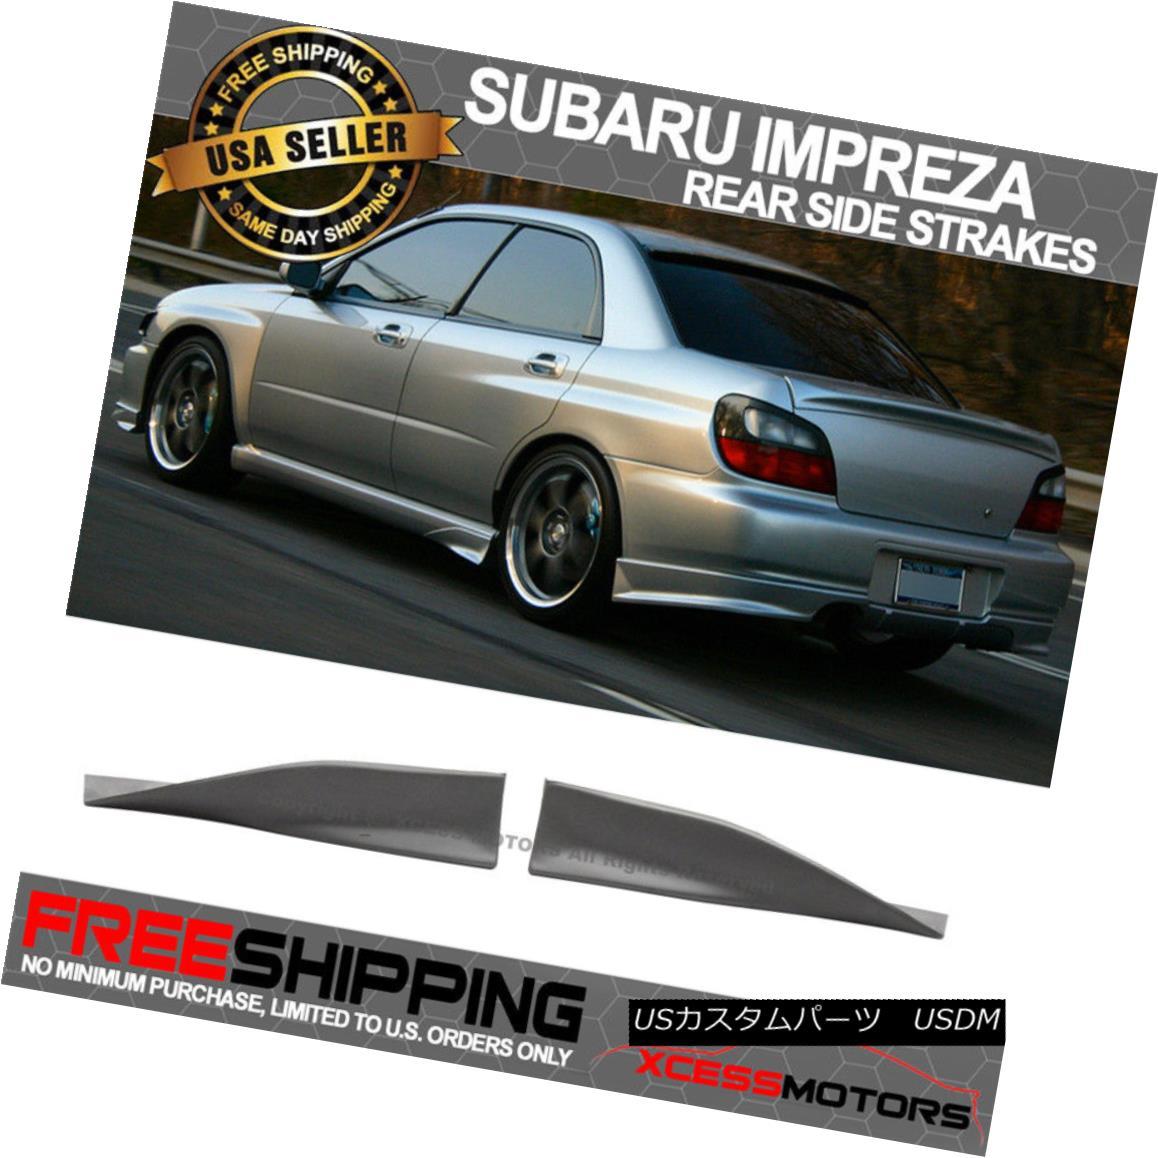 エアロパーツ Fit 02-07 Subaru Impreza Urethane Sedan Wagon Rear Side Strake Spats 2Pcs フィット02-07スバルインプレッサウレタンセダンワゴンサイドストレートスパッツ2個